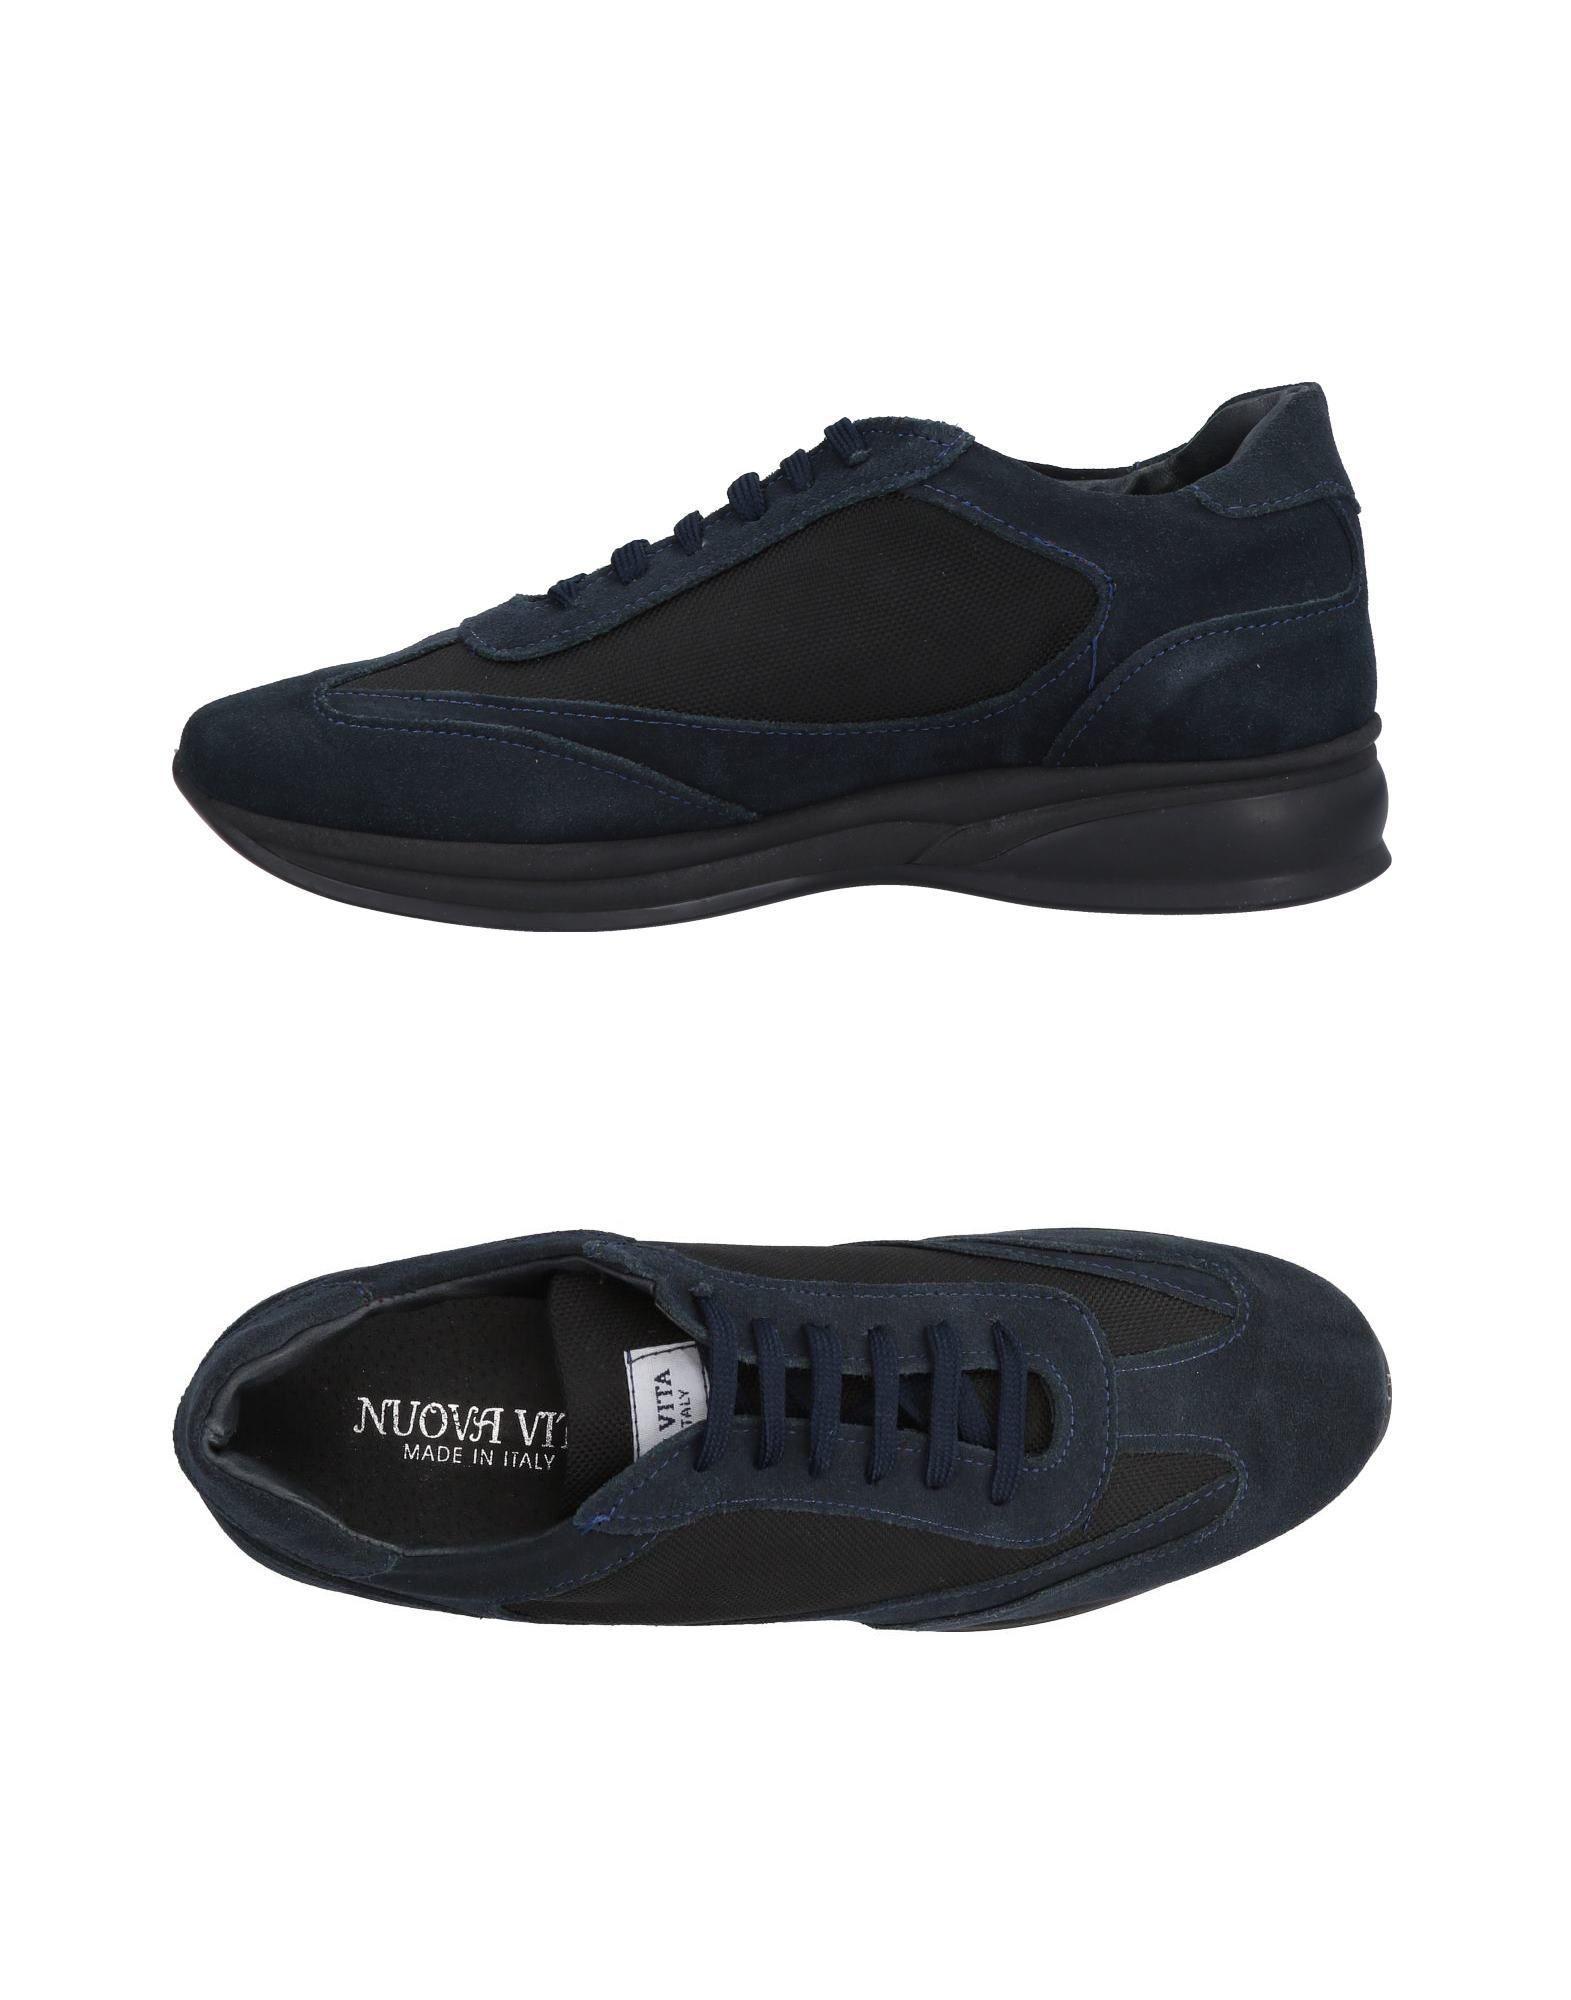 FOOTWEAR - Low-tops & sneakers Laboratorigarbo 5YwkGfKB